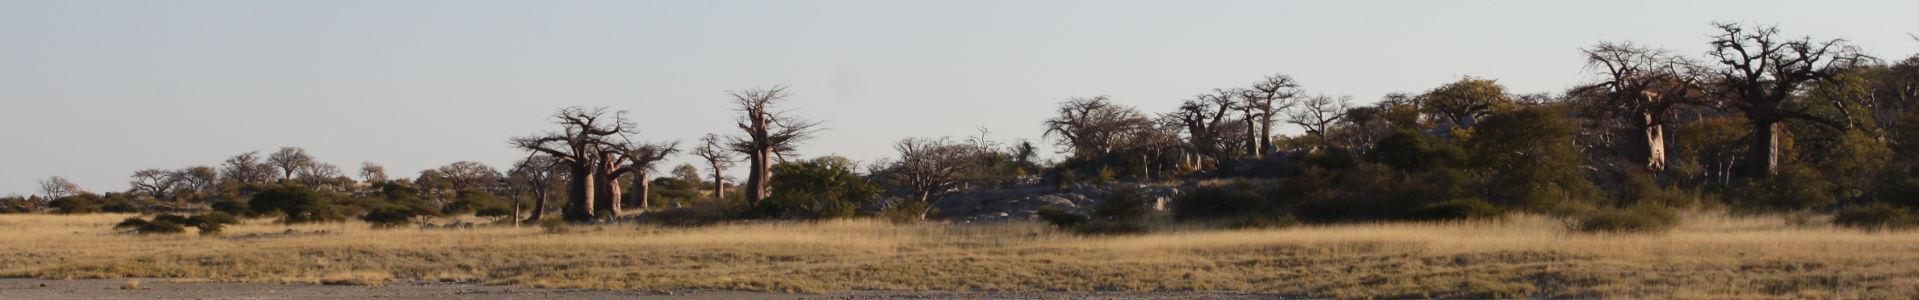 Mowana image for slider